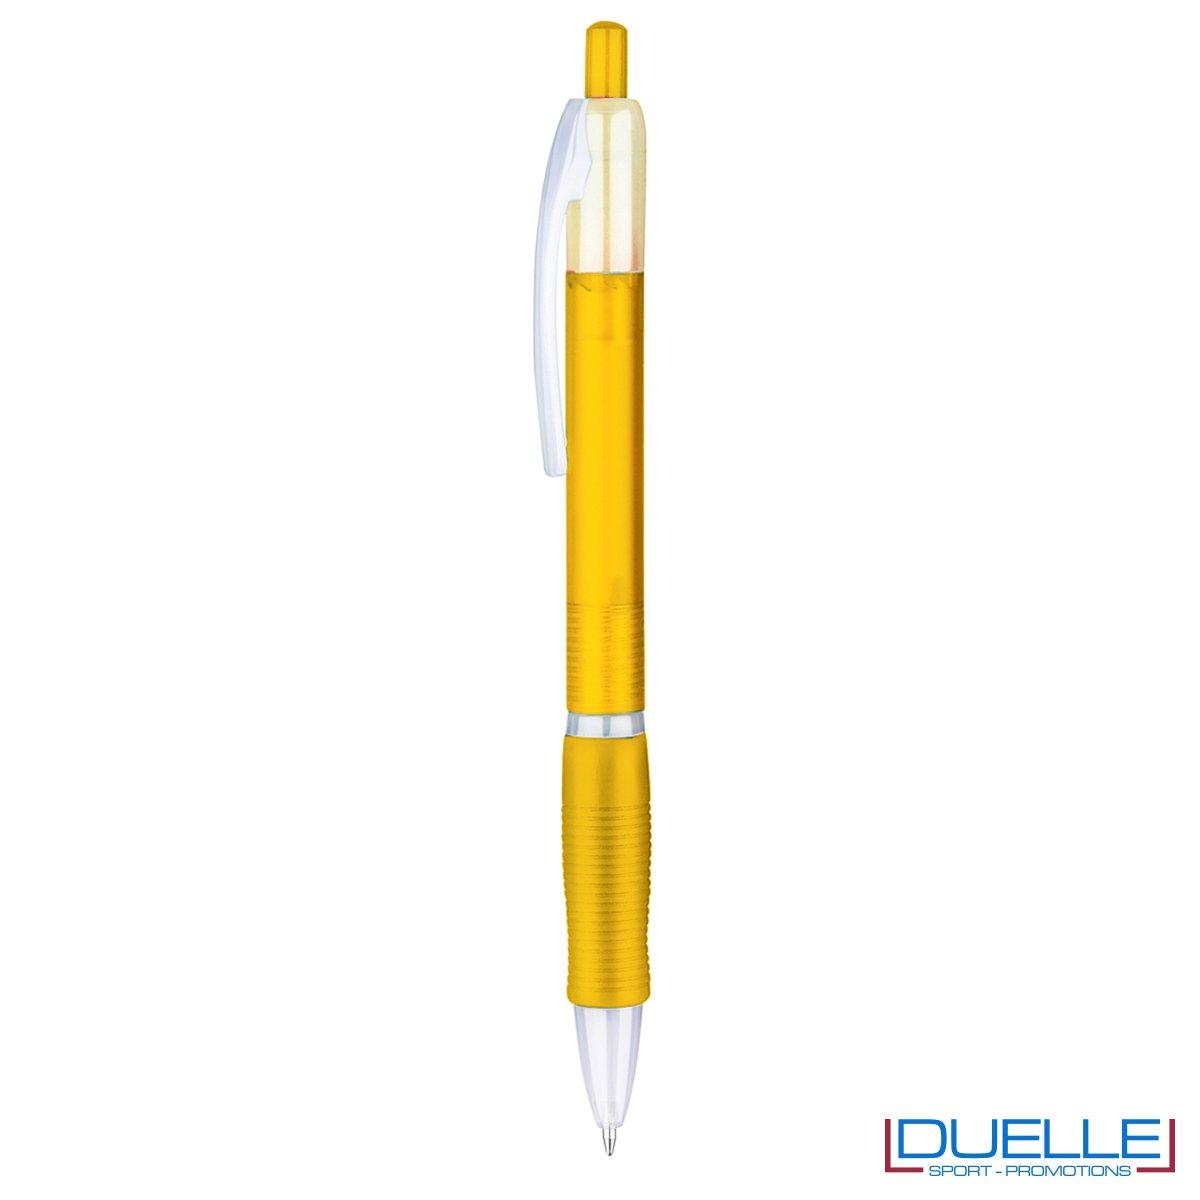 penna personalizzabile economica in colore giallo fusto frost, offerta penne economiche personalizzabili in colore giallo fusto frost